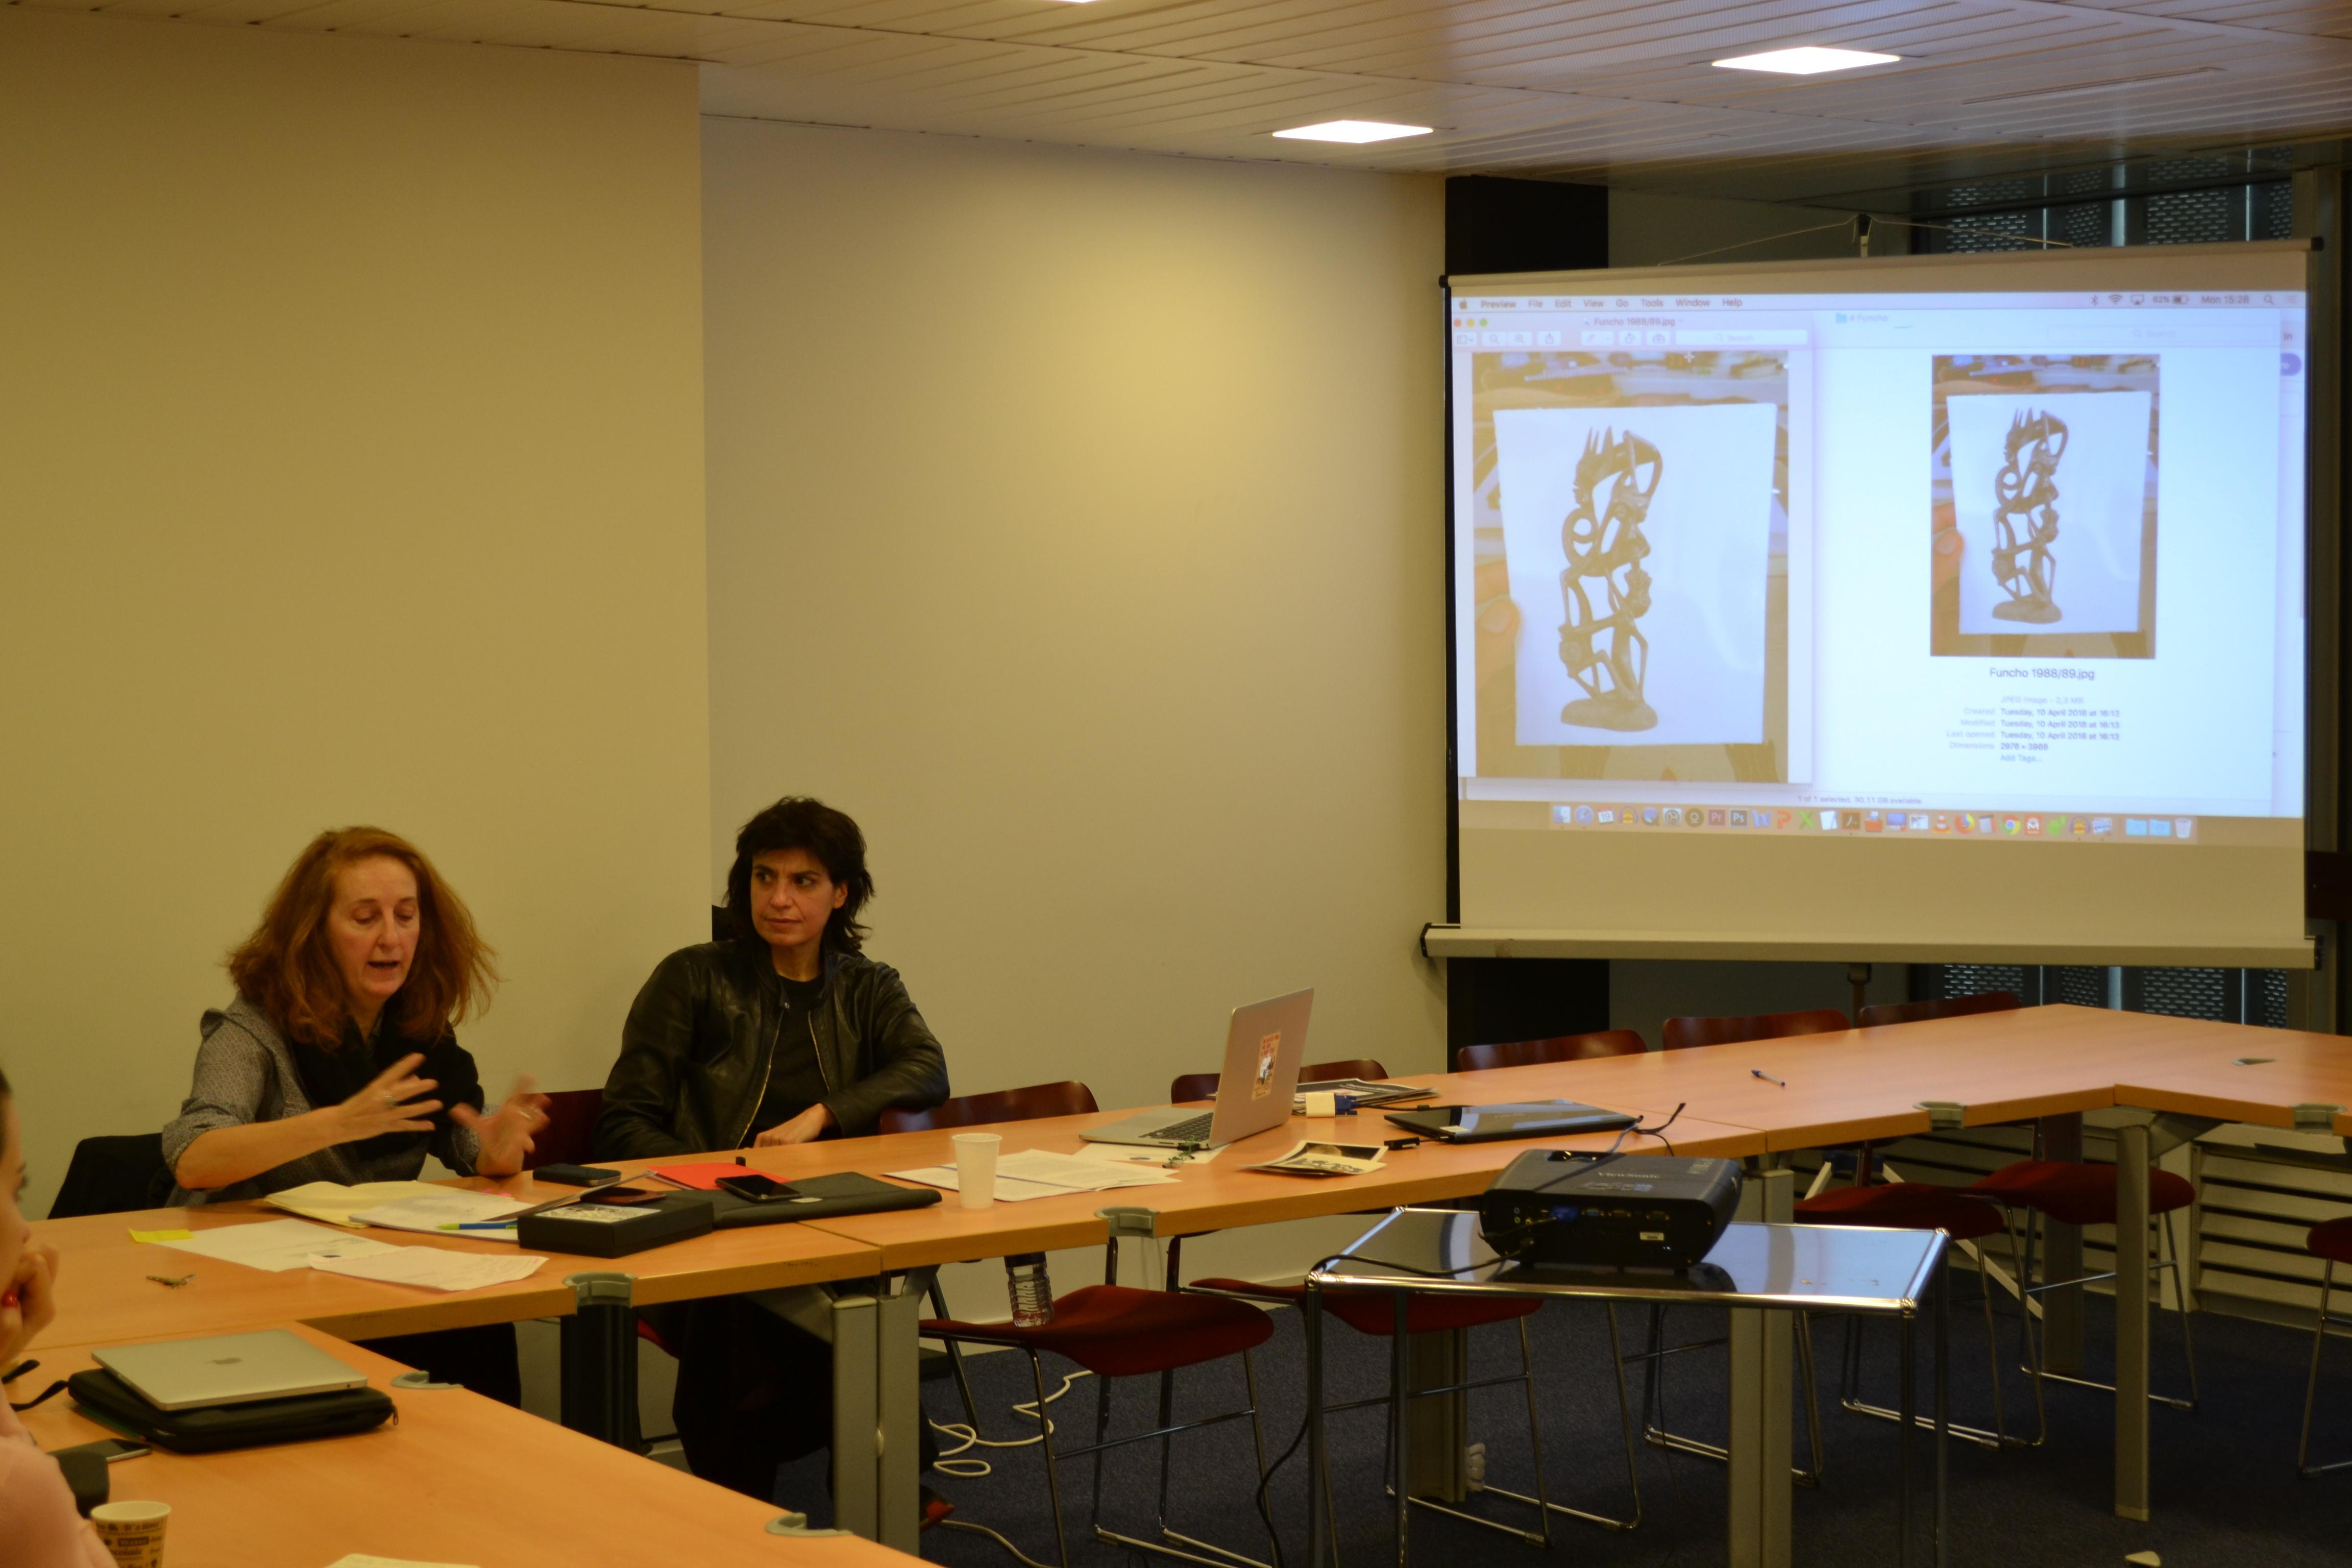 La Volonté des Archives, conference at Collège d'Etudes Mondiales, Fondation Maison de Sciences de l'Homme, Paris, November 2018, image credits: Thais de Rodez.